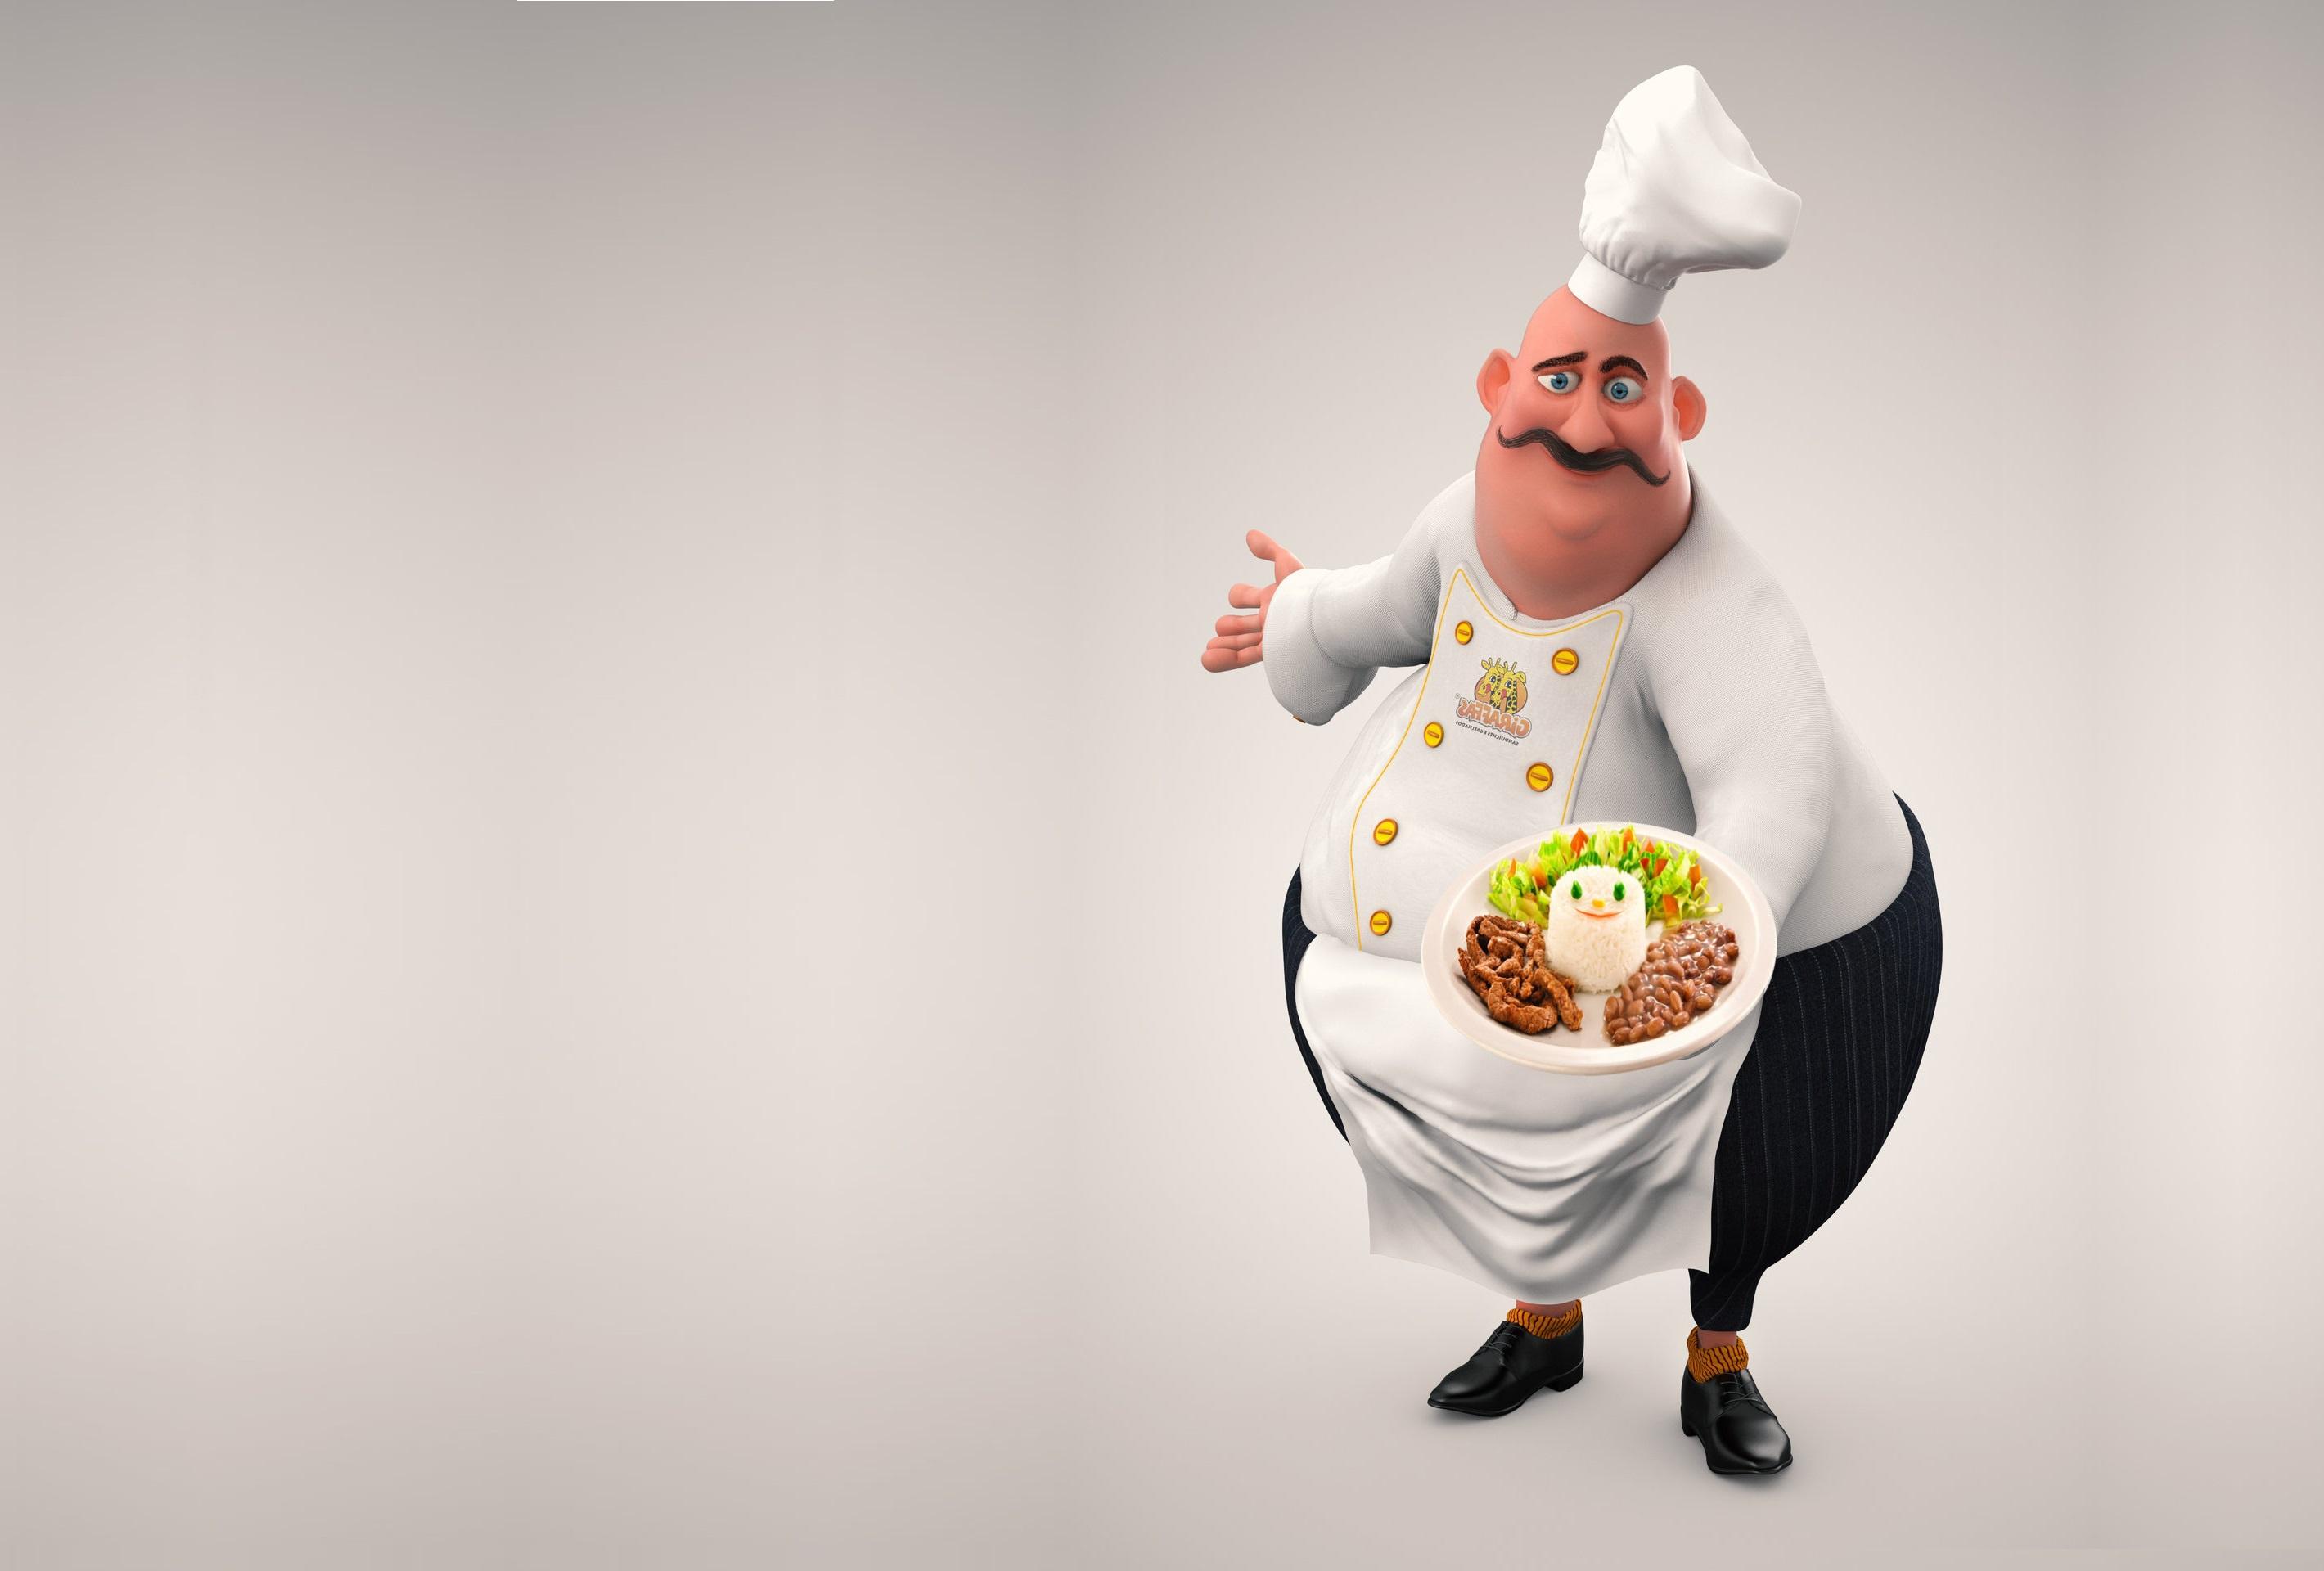 Прикольная картинка шеф-повара, смешной